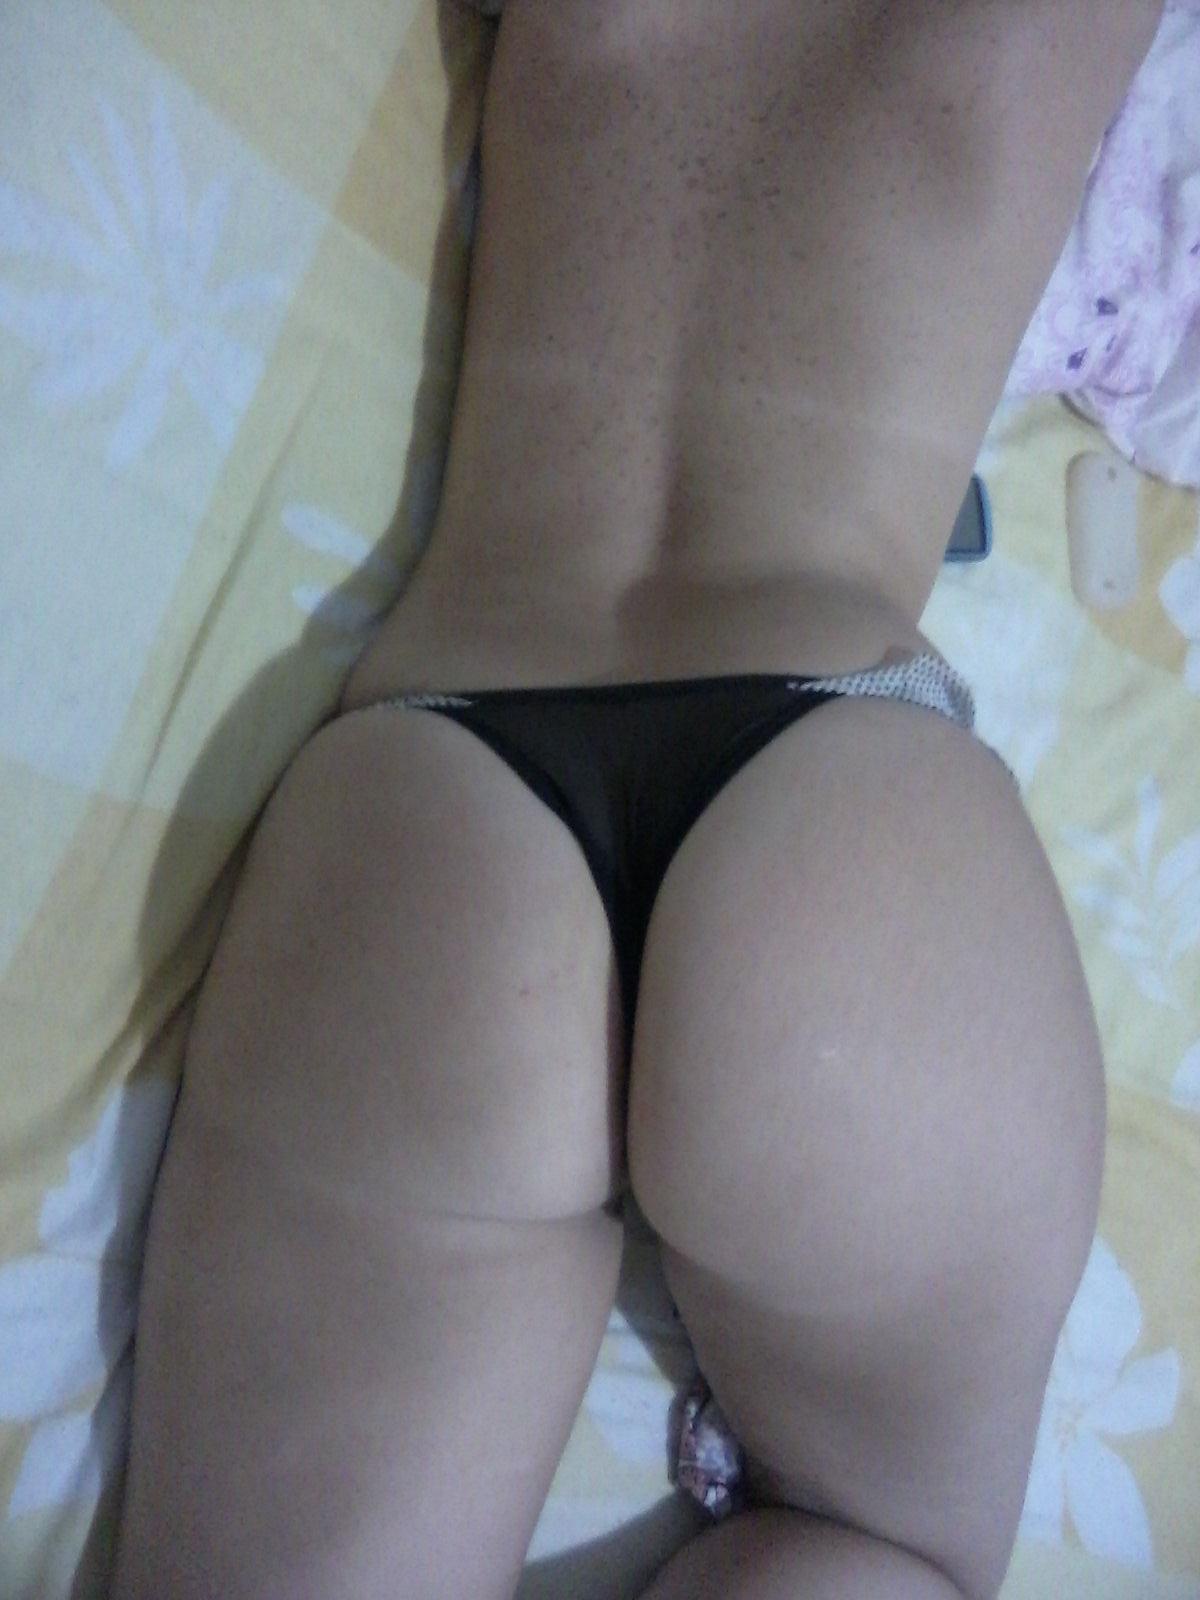 Procura Sexo No Sabugalpóvoa De Varzim-35765